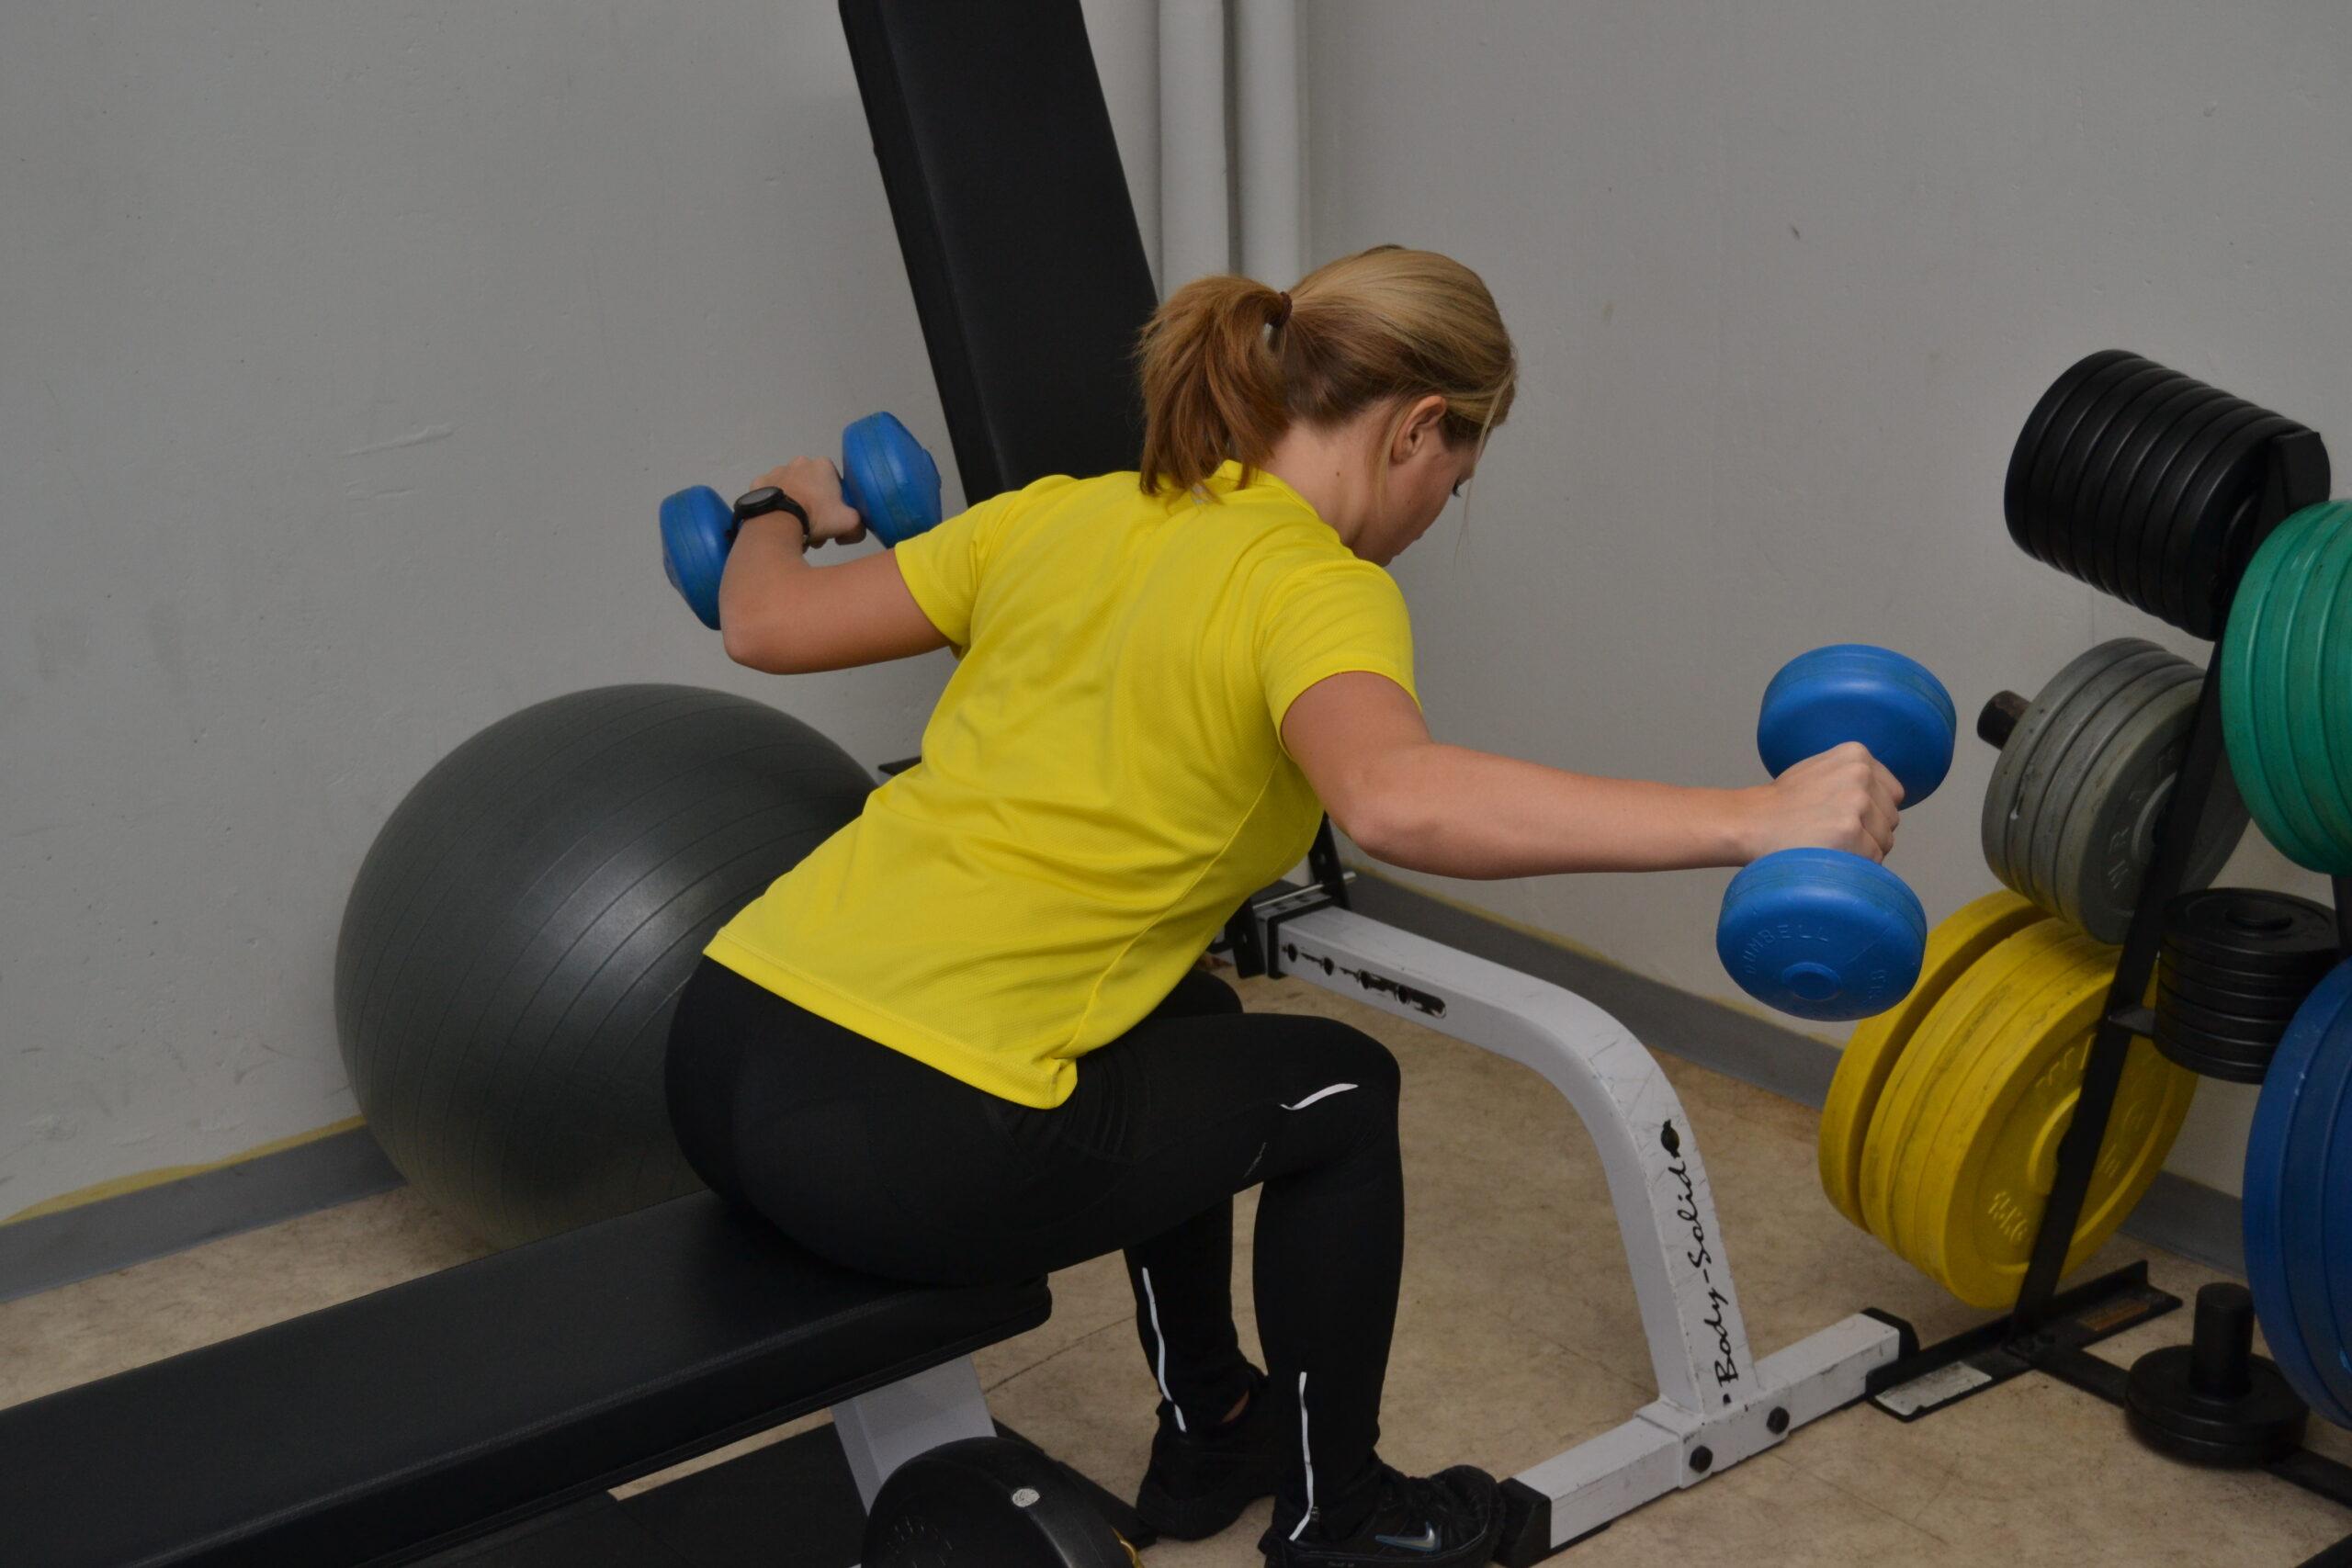 Dagens övning: Träna baksida axlar för en god hållning